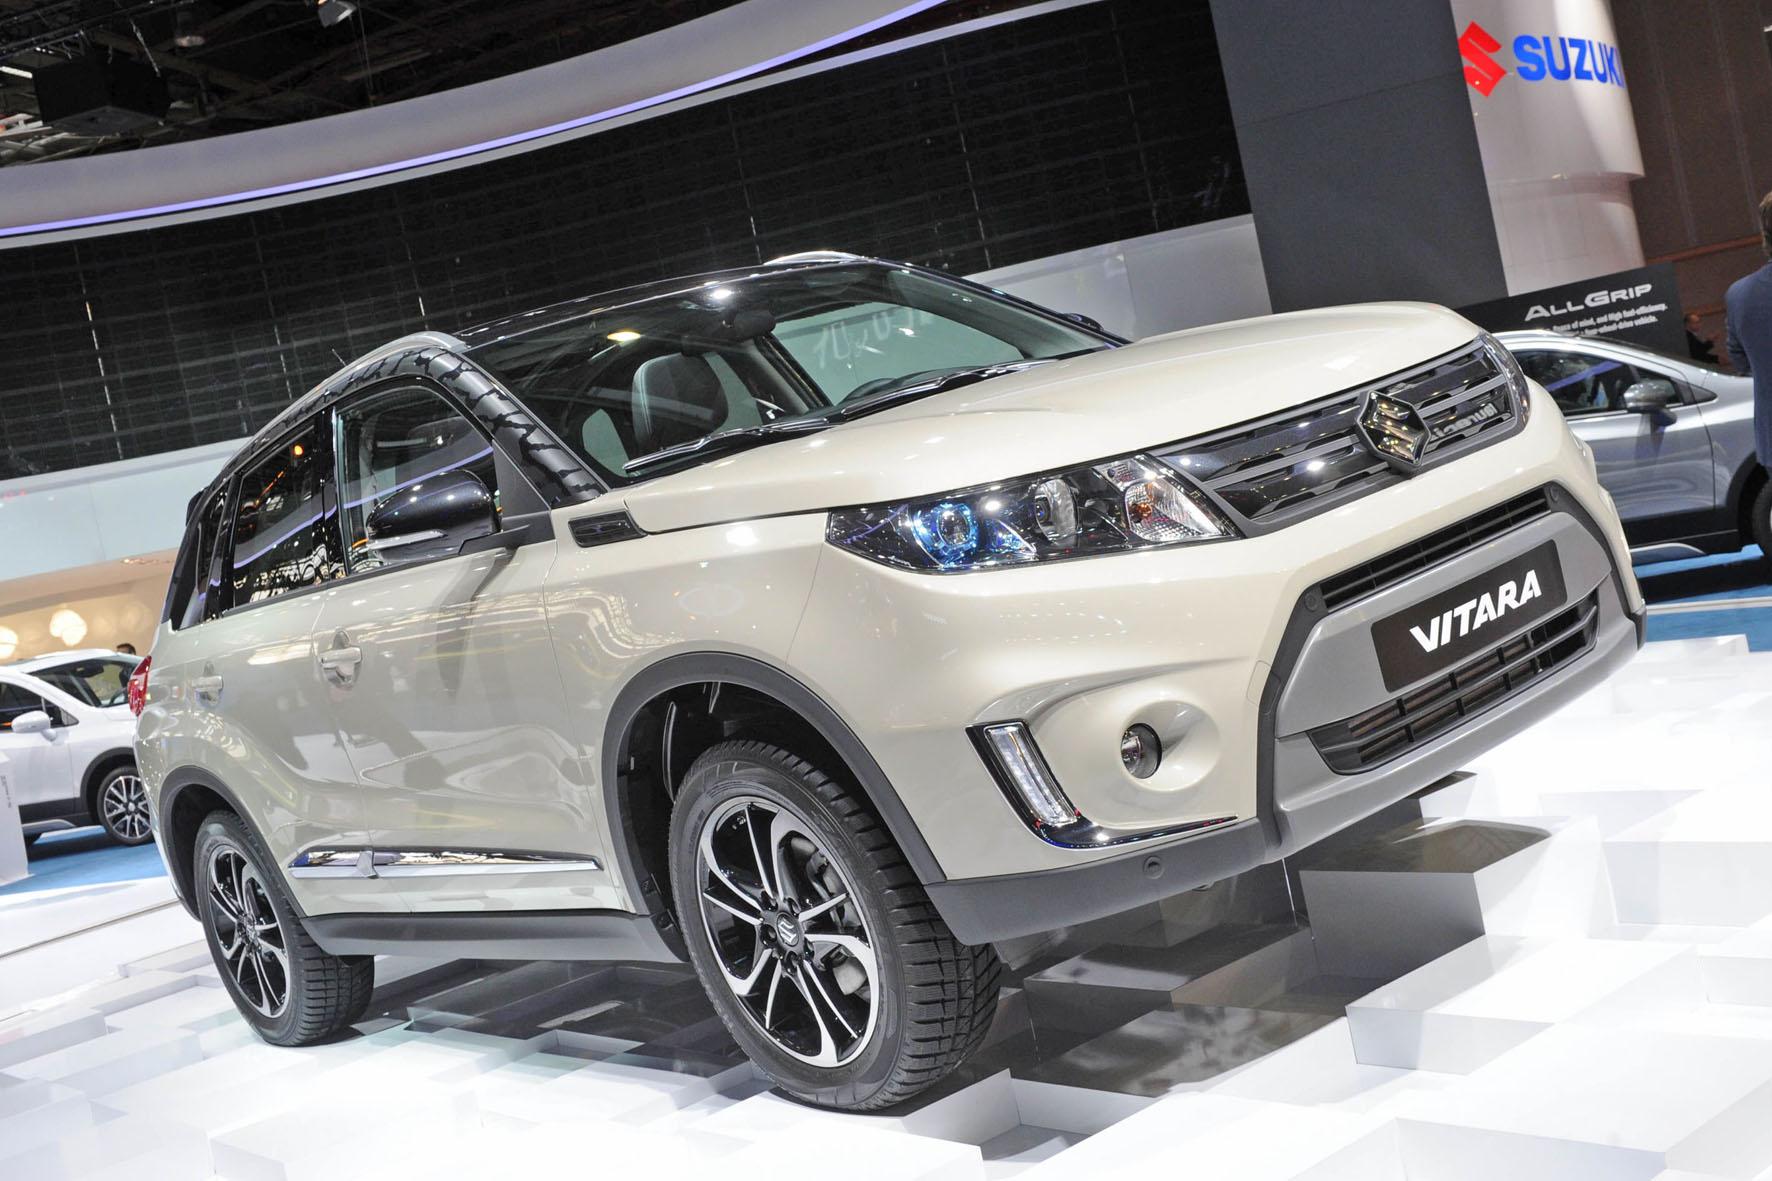 Die Serienversion des 2015er Suzuki Vitara auf der Paris Motor Show 2014